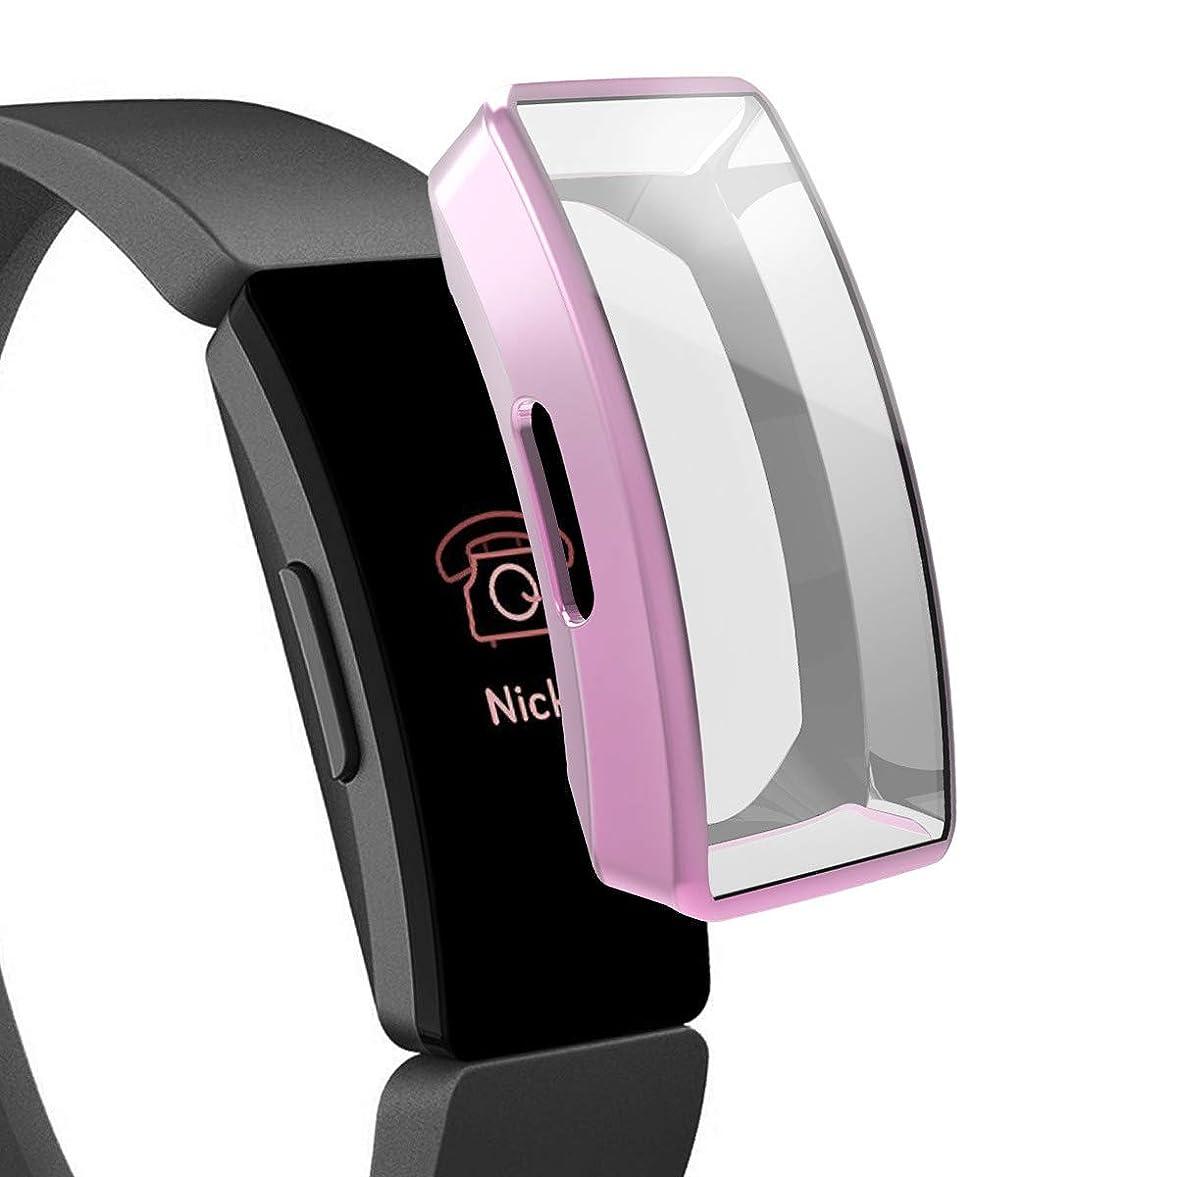 有名実用的競争Fitbit Inspire/Inspire HR用TPU保護ケース、オールラウンドスクリーンプロテクターバンパーフレーム用保護カバーShell Fitbit Inspire/Inspire HR用スマートカバー (紫)